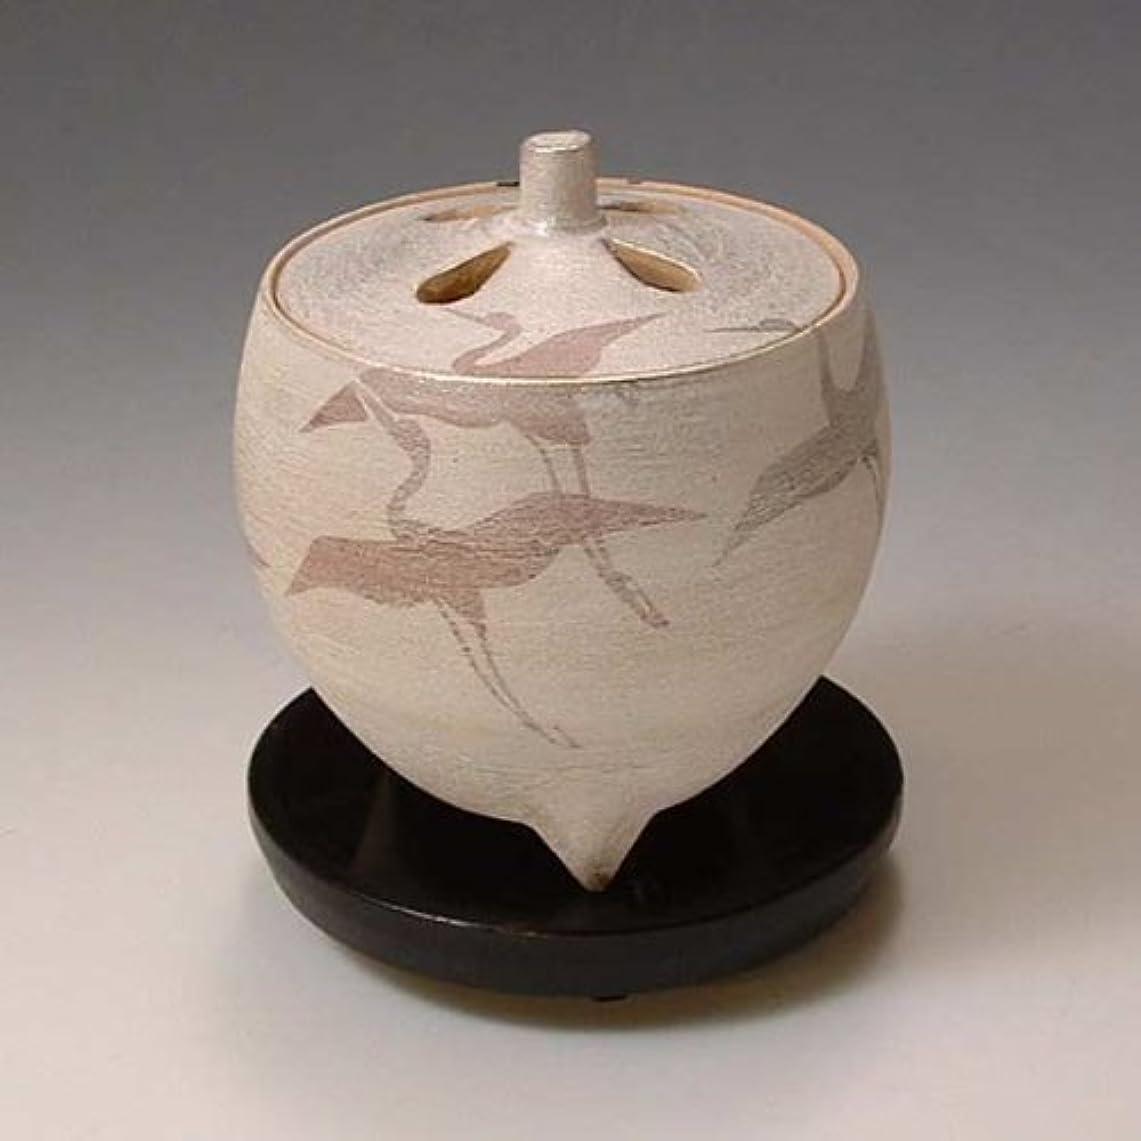 爵バッジ鷲YXI055 清水焼 京焼 豆香炉(黒台付) ギフト 翔鶴 しょうかく